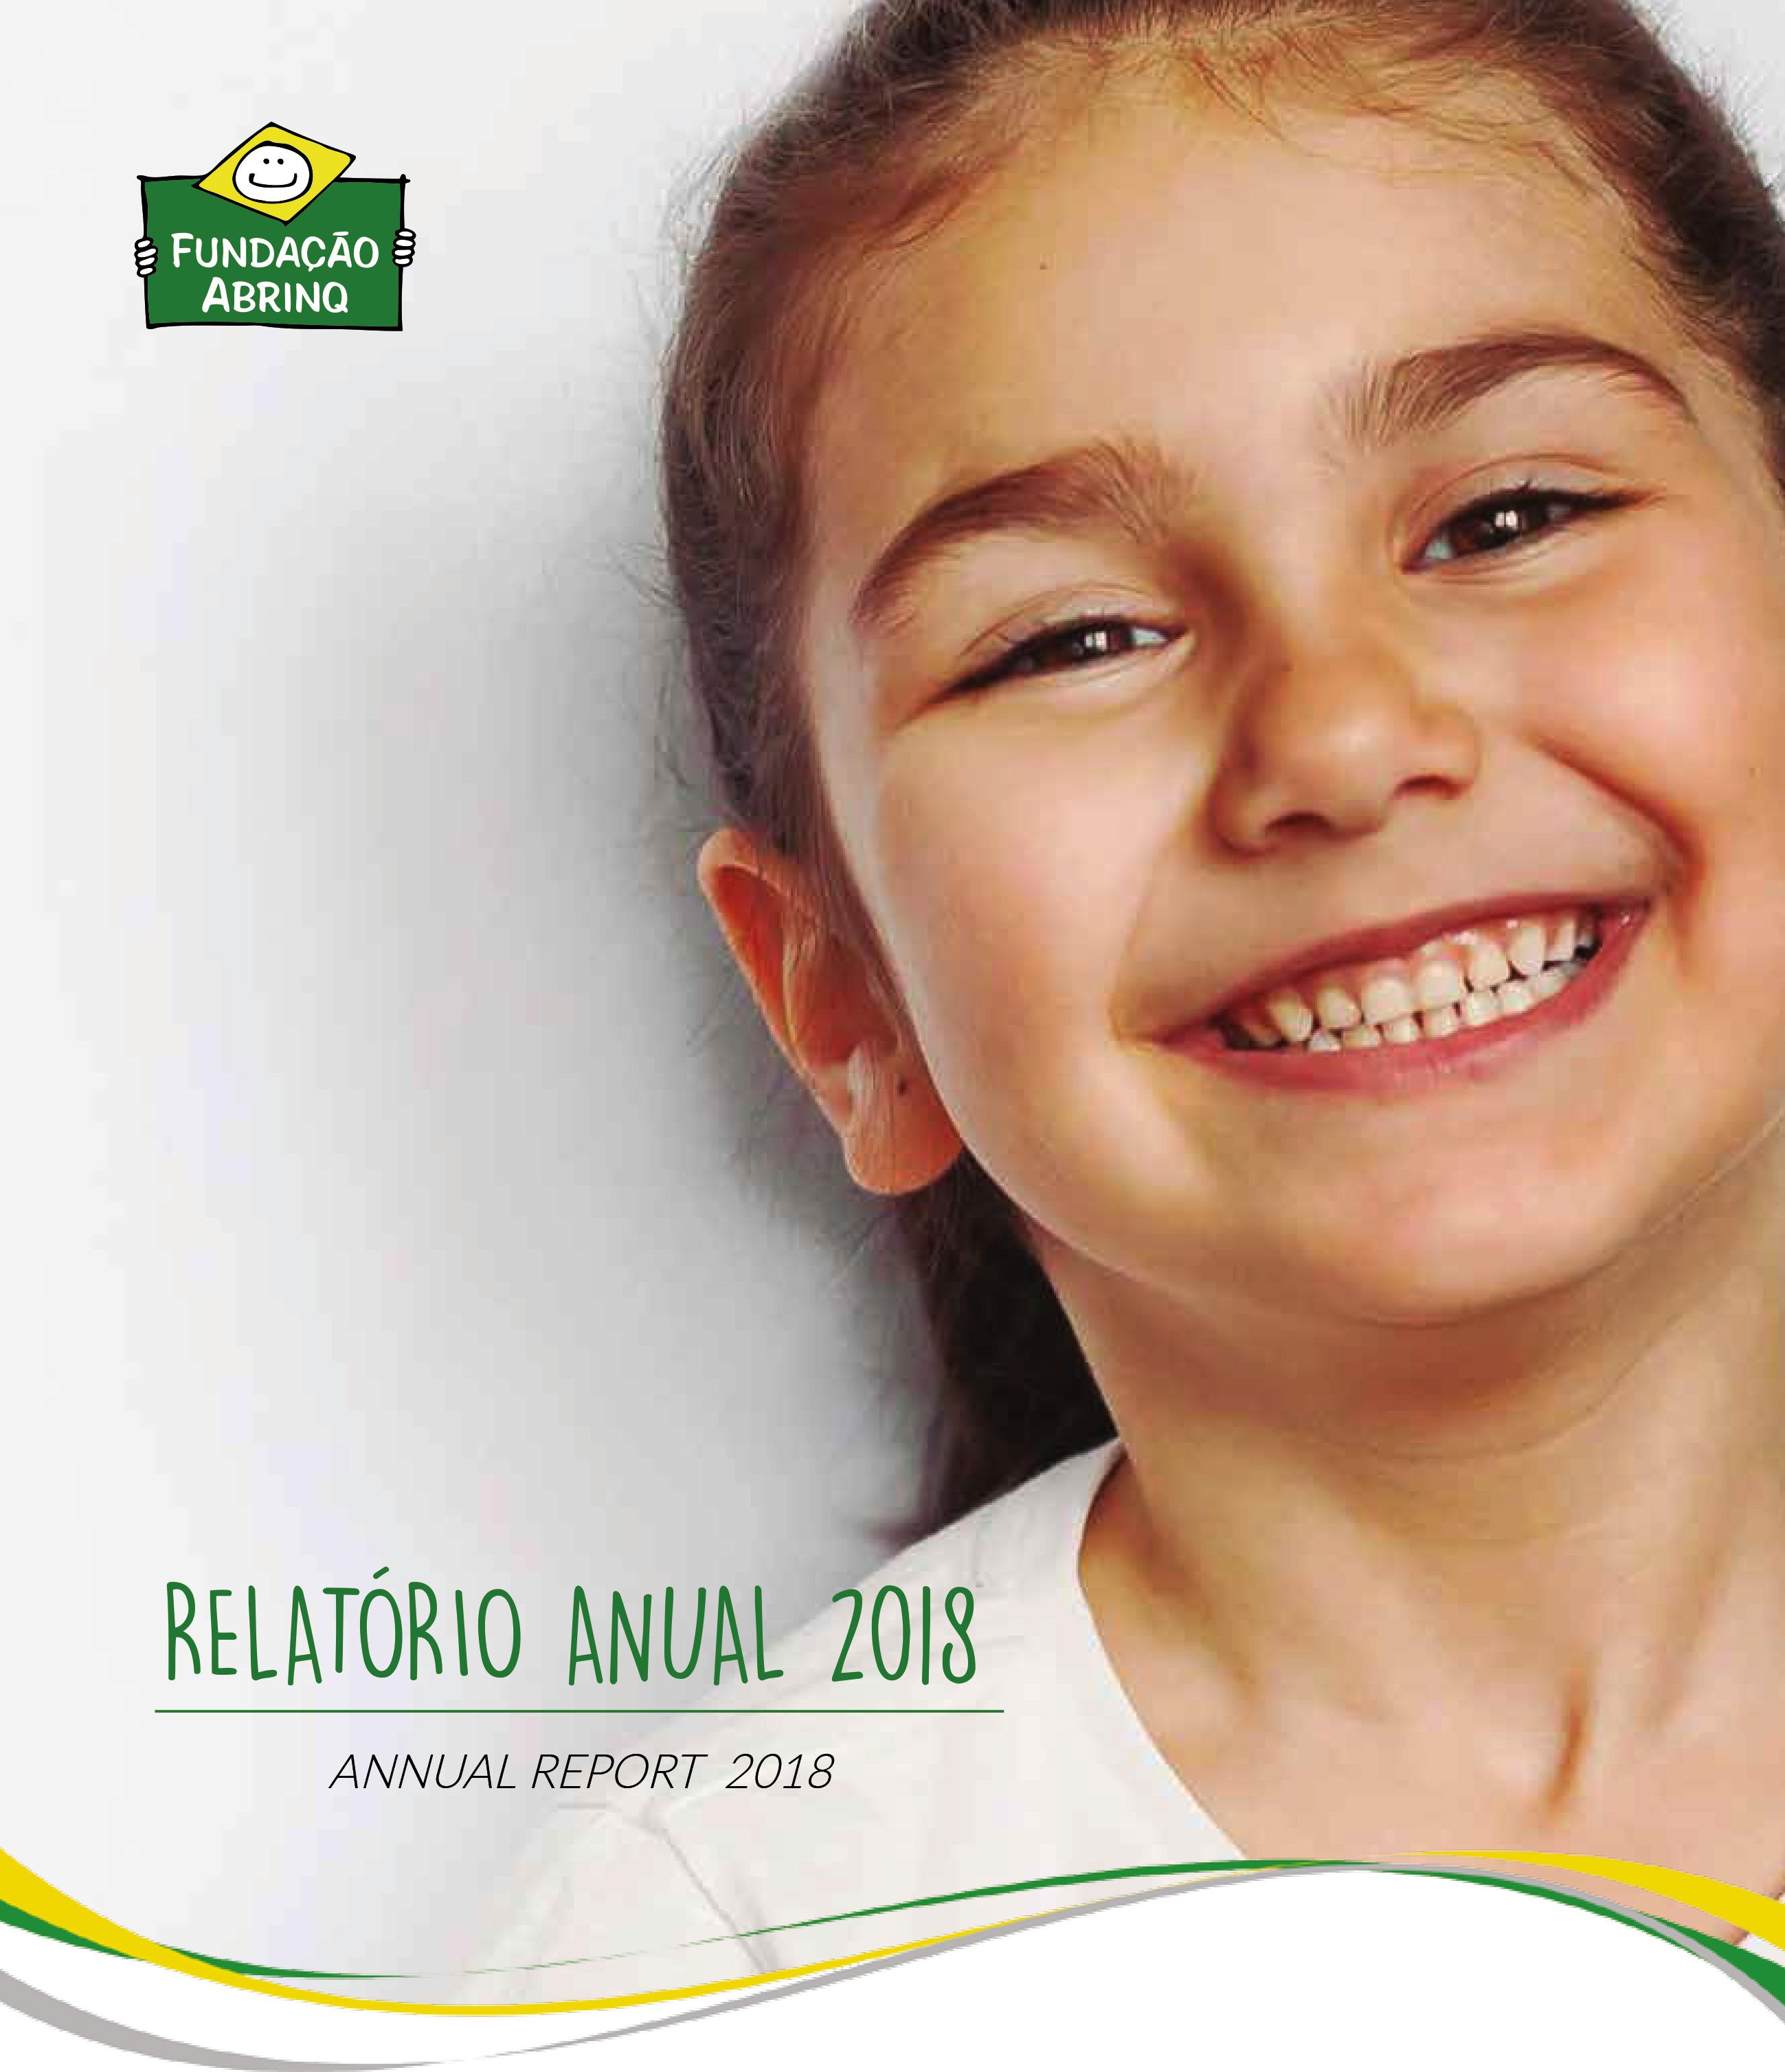 Relatório Anual 2018 - Fundação Abrinq